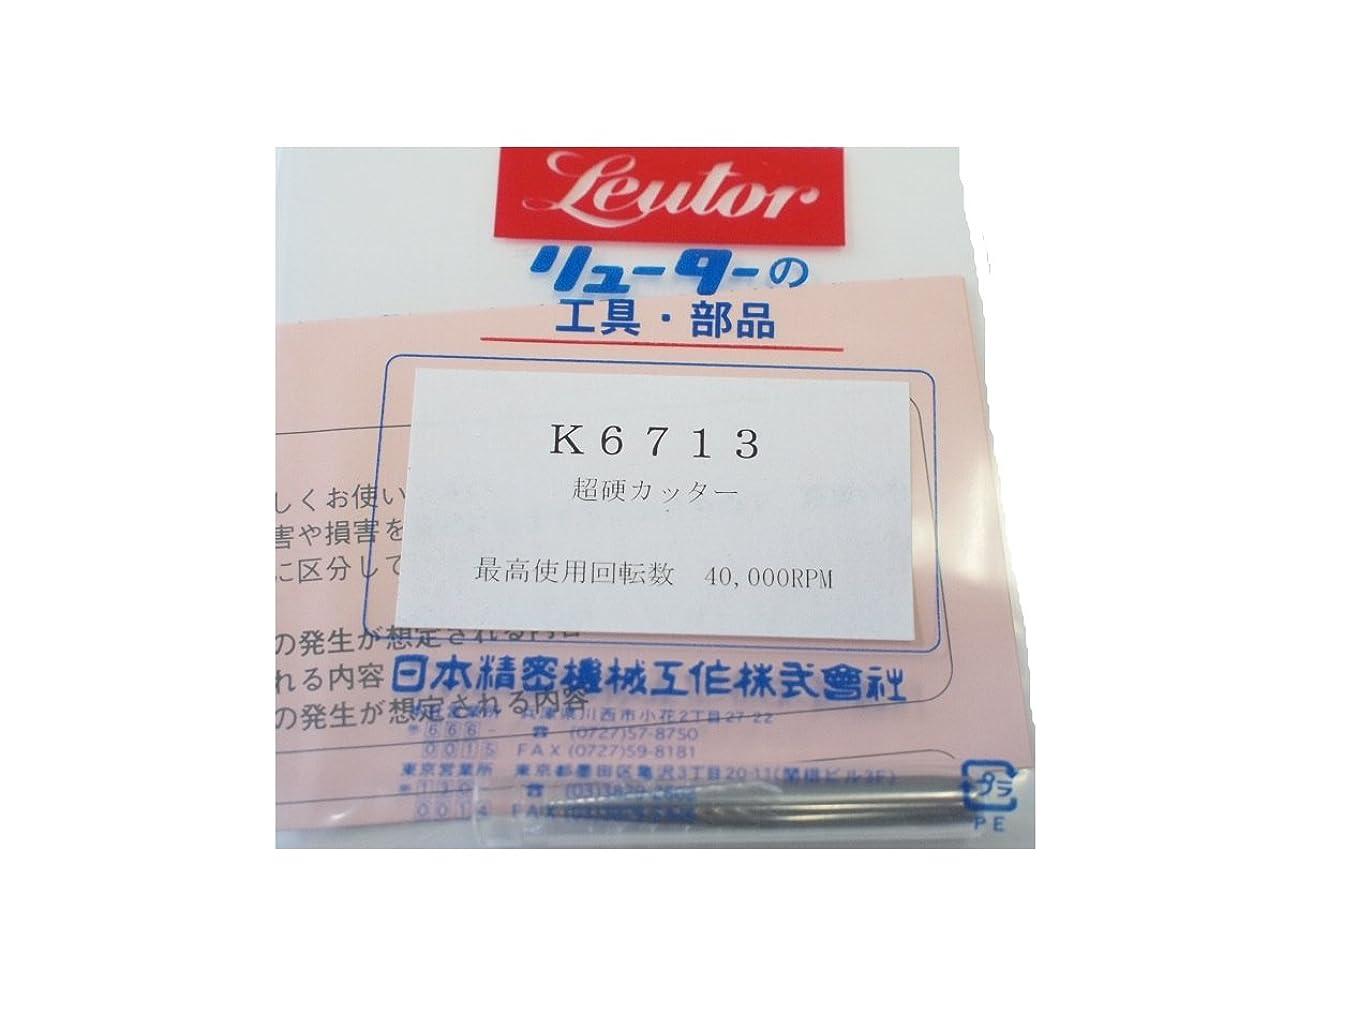 スマートマルクス主義者バッテリーリューター 超硬カッター K6713